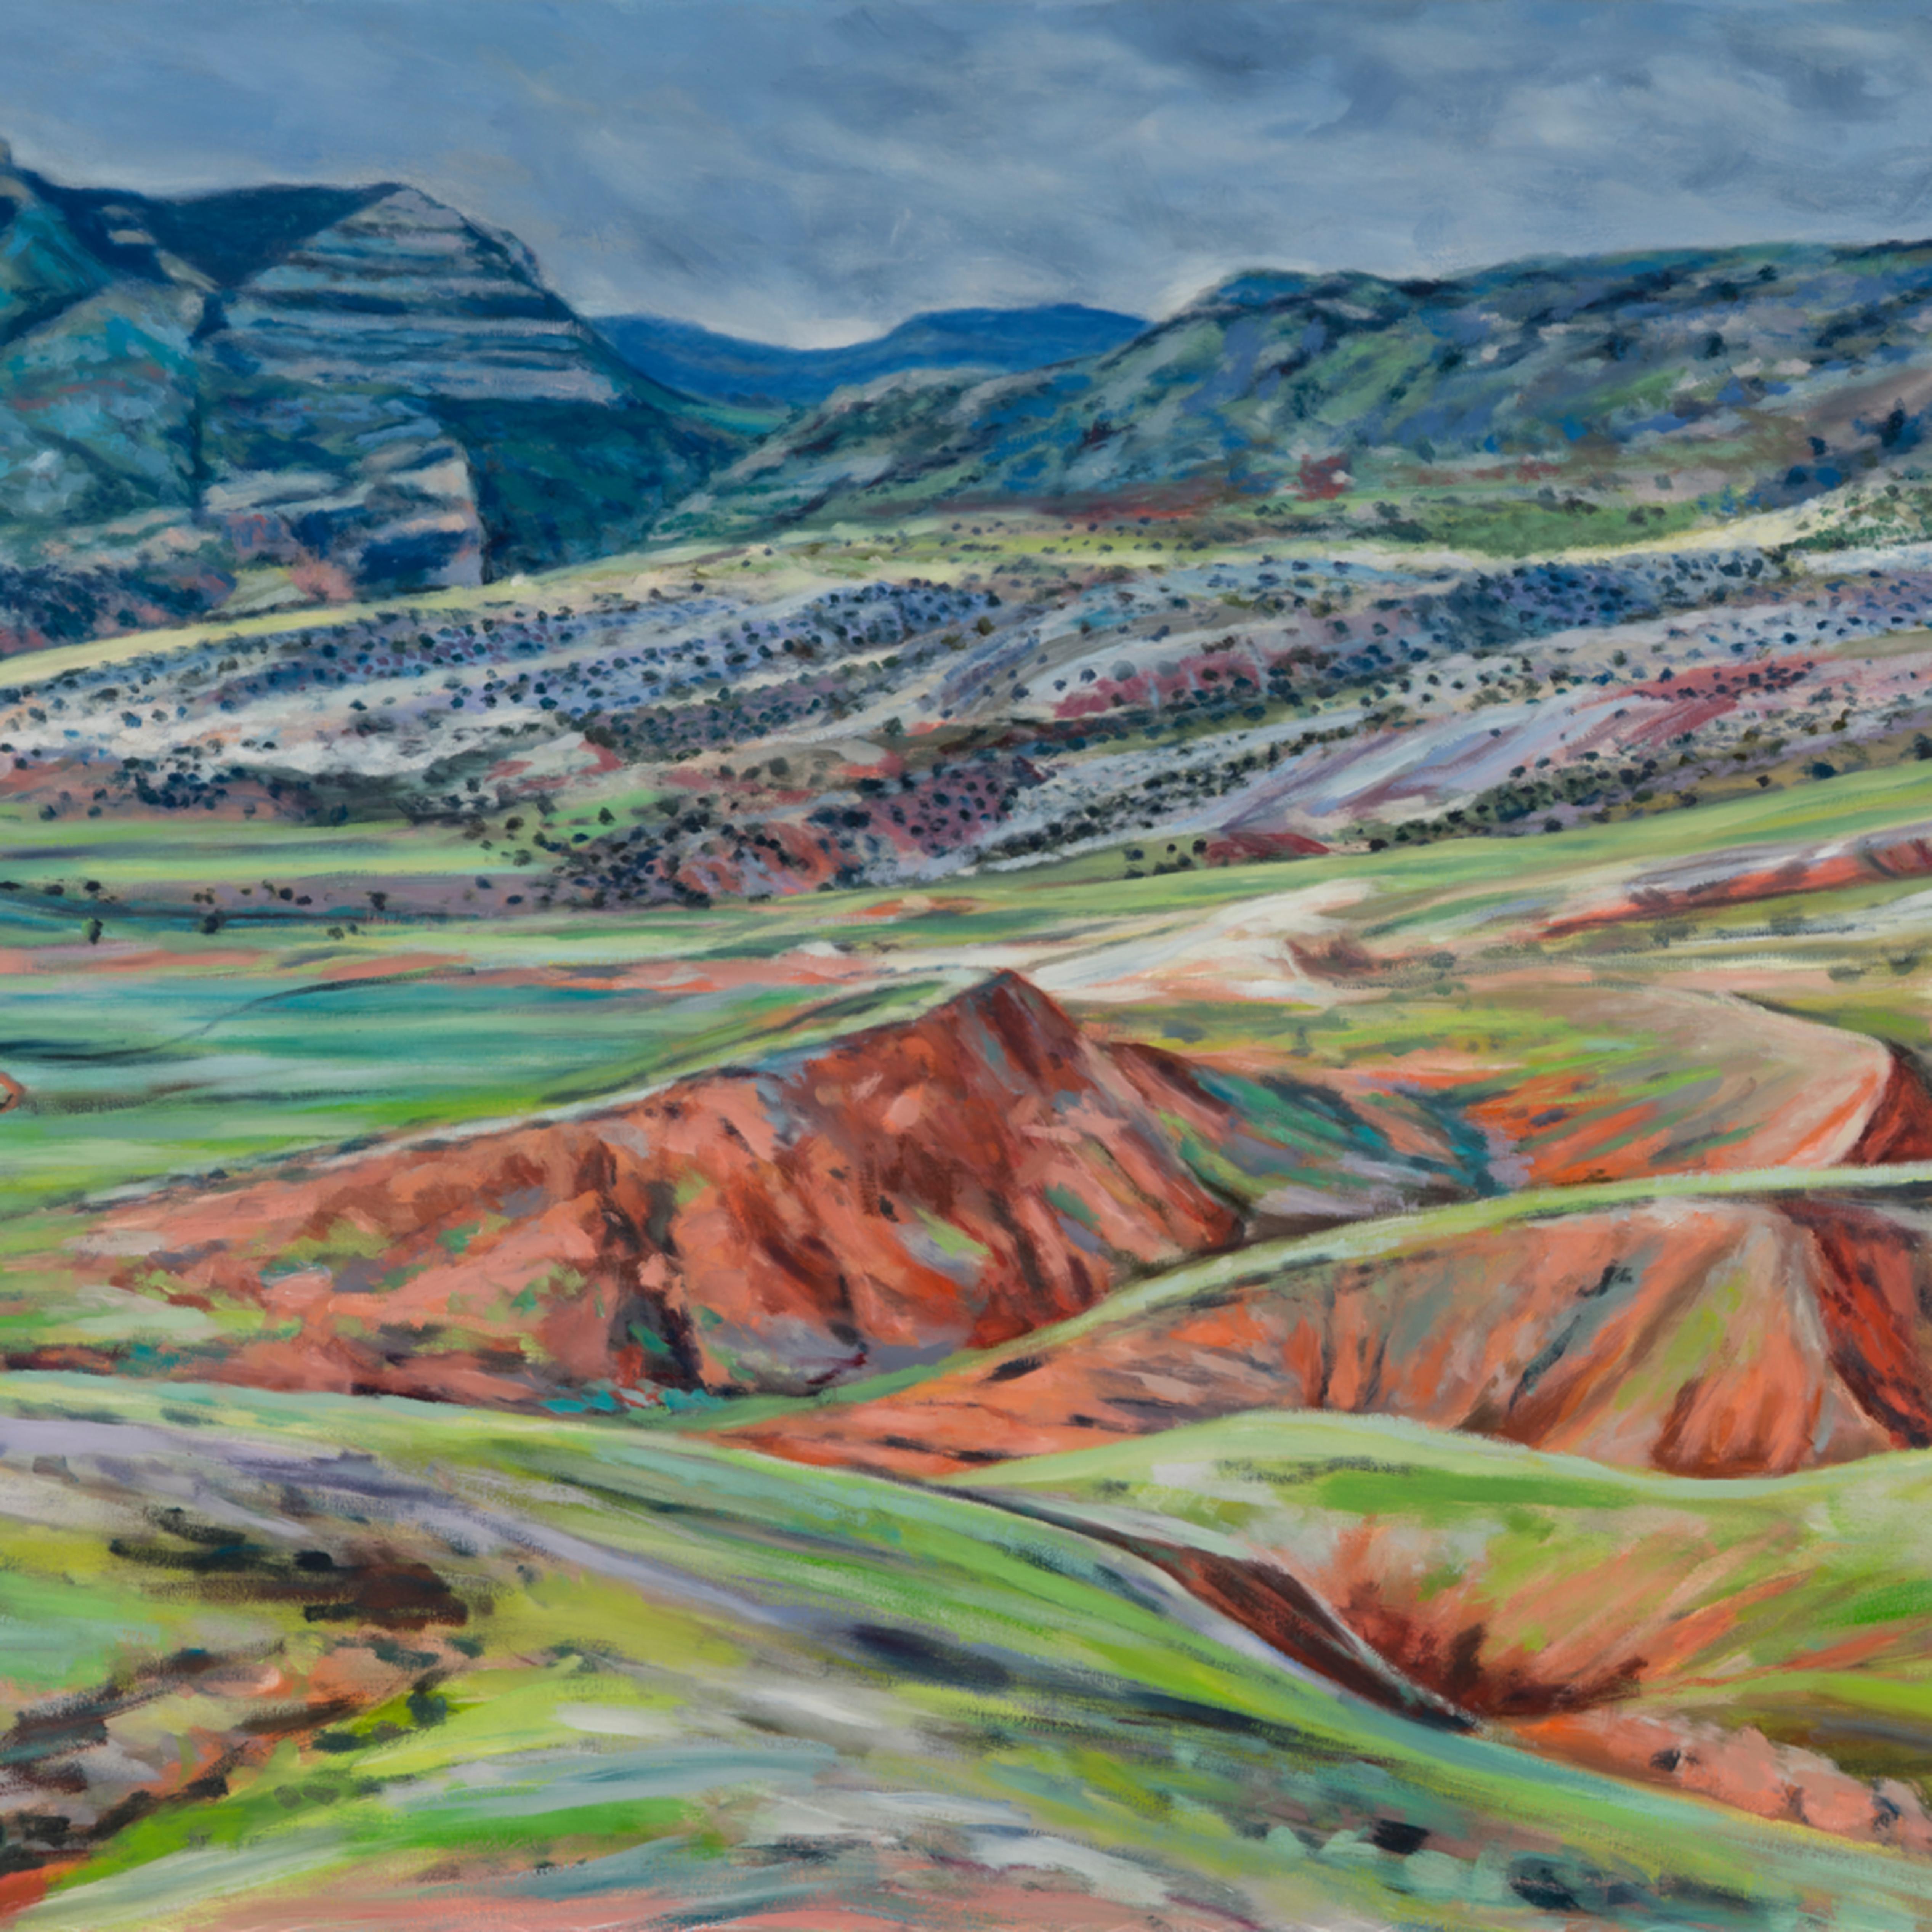 Shell valley etobpk